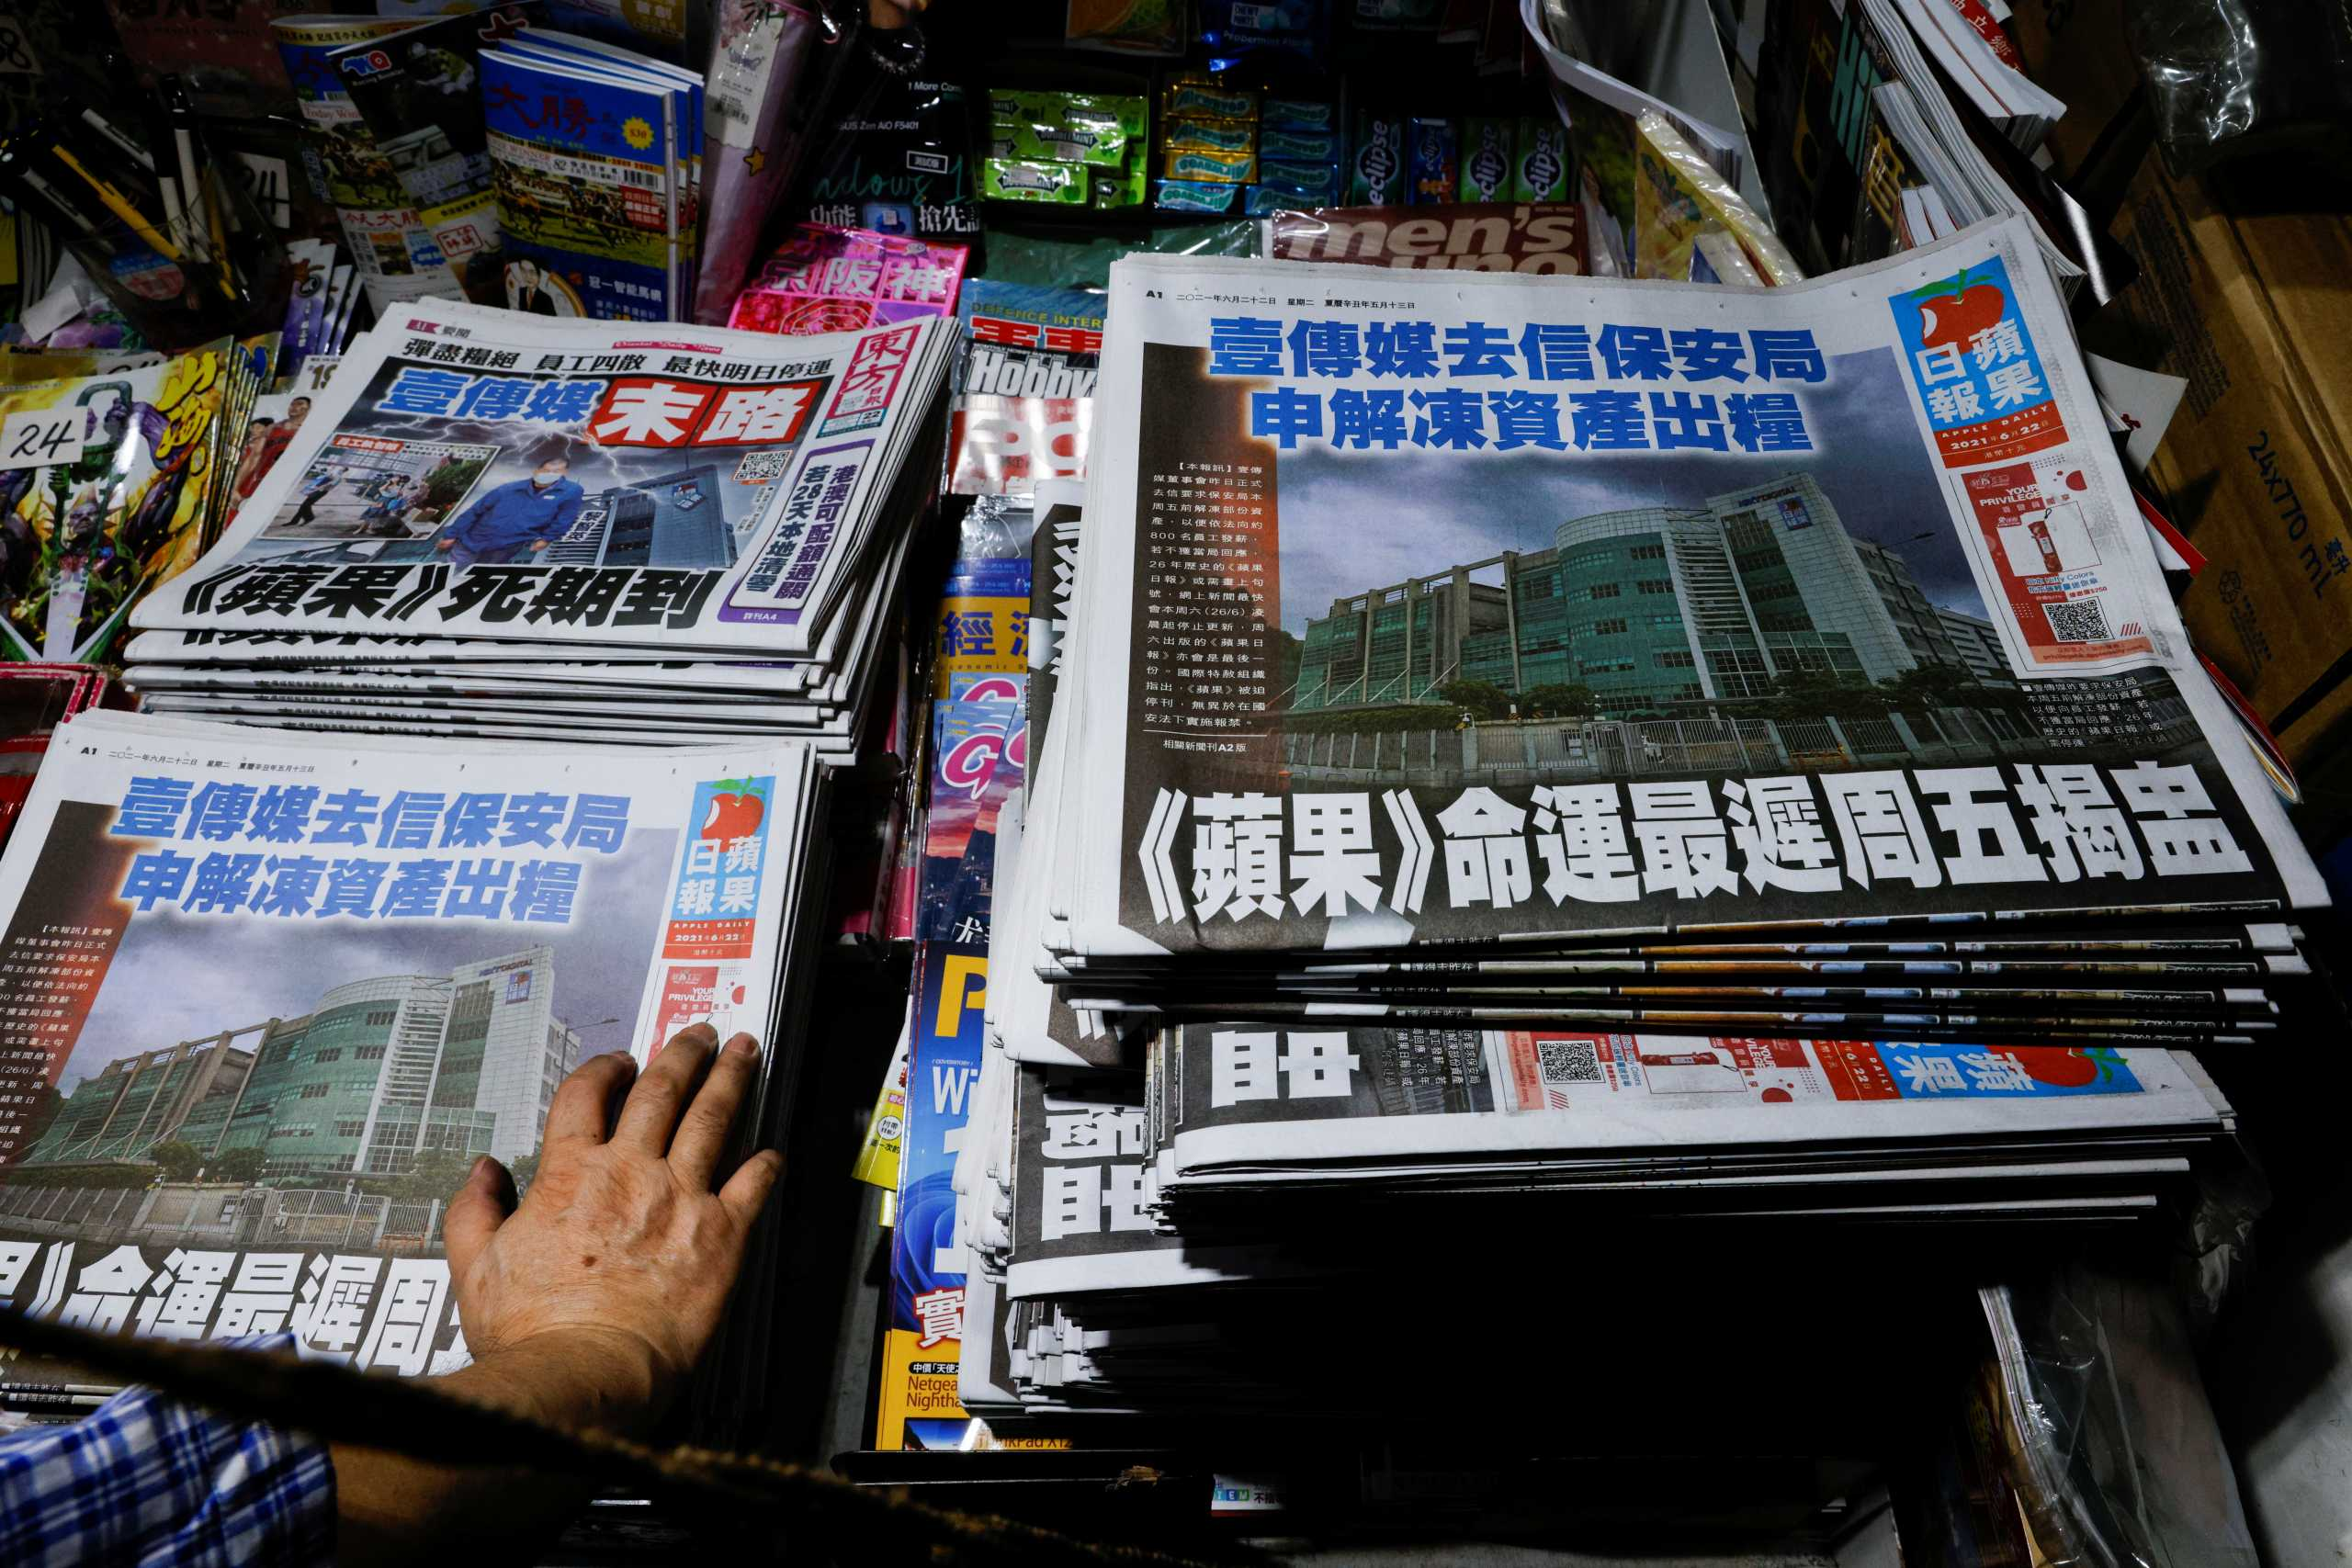 Χονγκ Κονγκ: Τίτλοι τέλους για την «Apple Daily» – Αύριο το τελευταίο φύλλο της